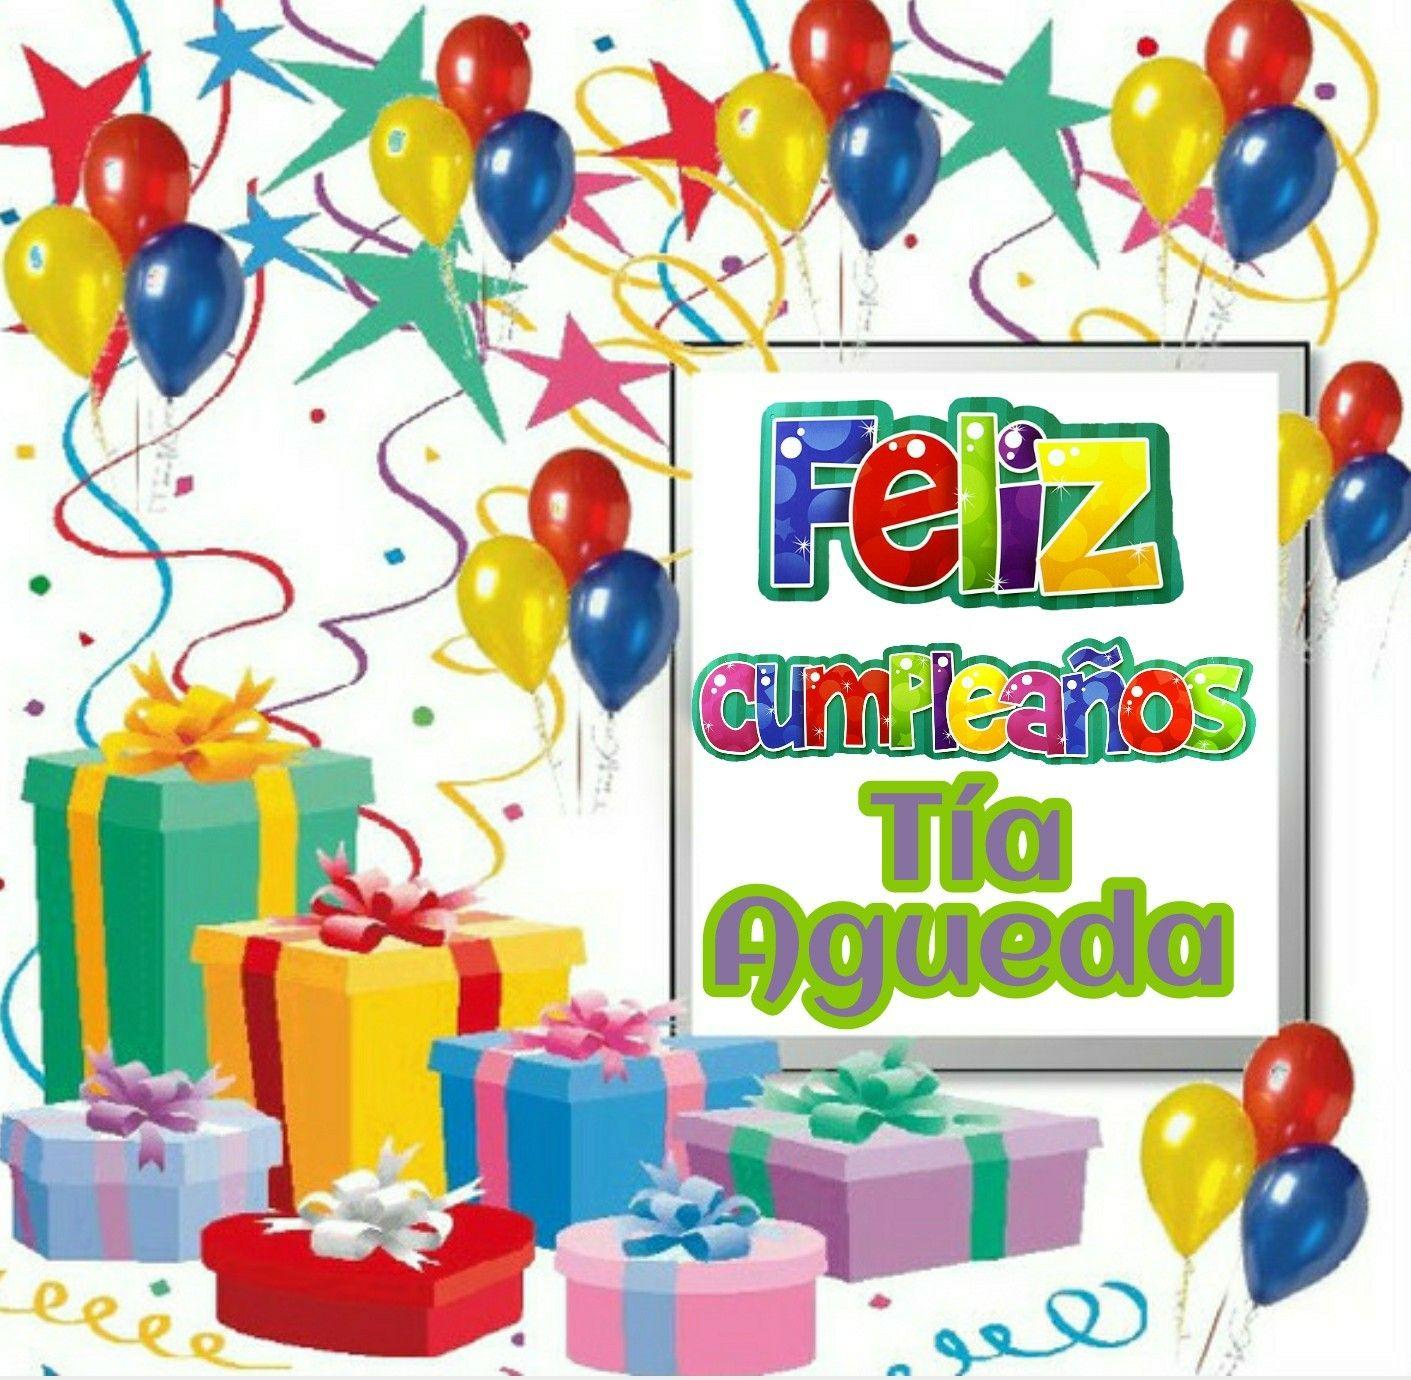 Feliz Cumpleaños Tía Agueda Feliz Cumpleaños Con Nombres Games